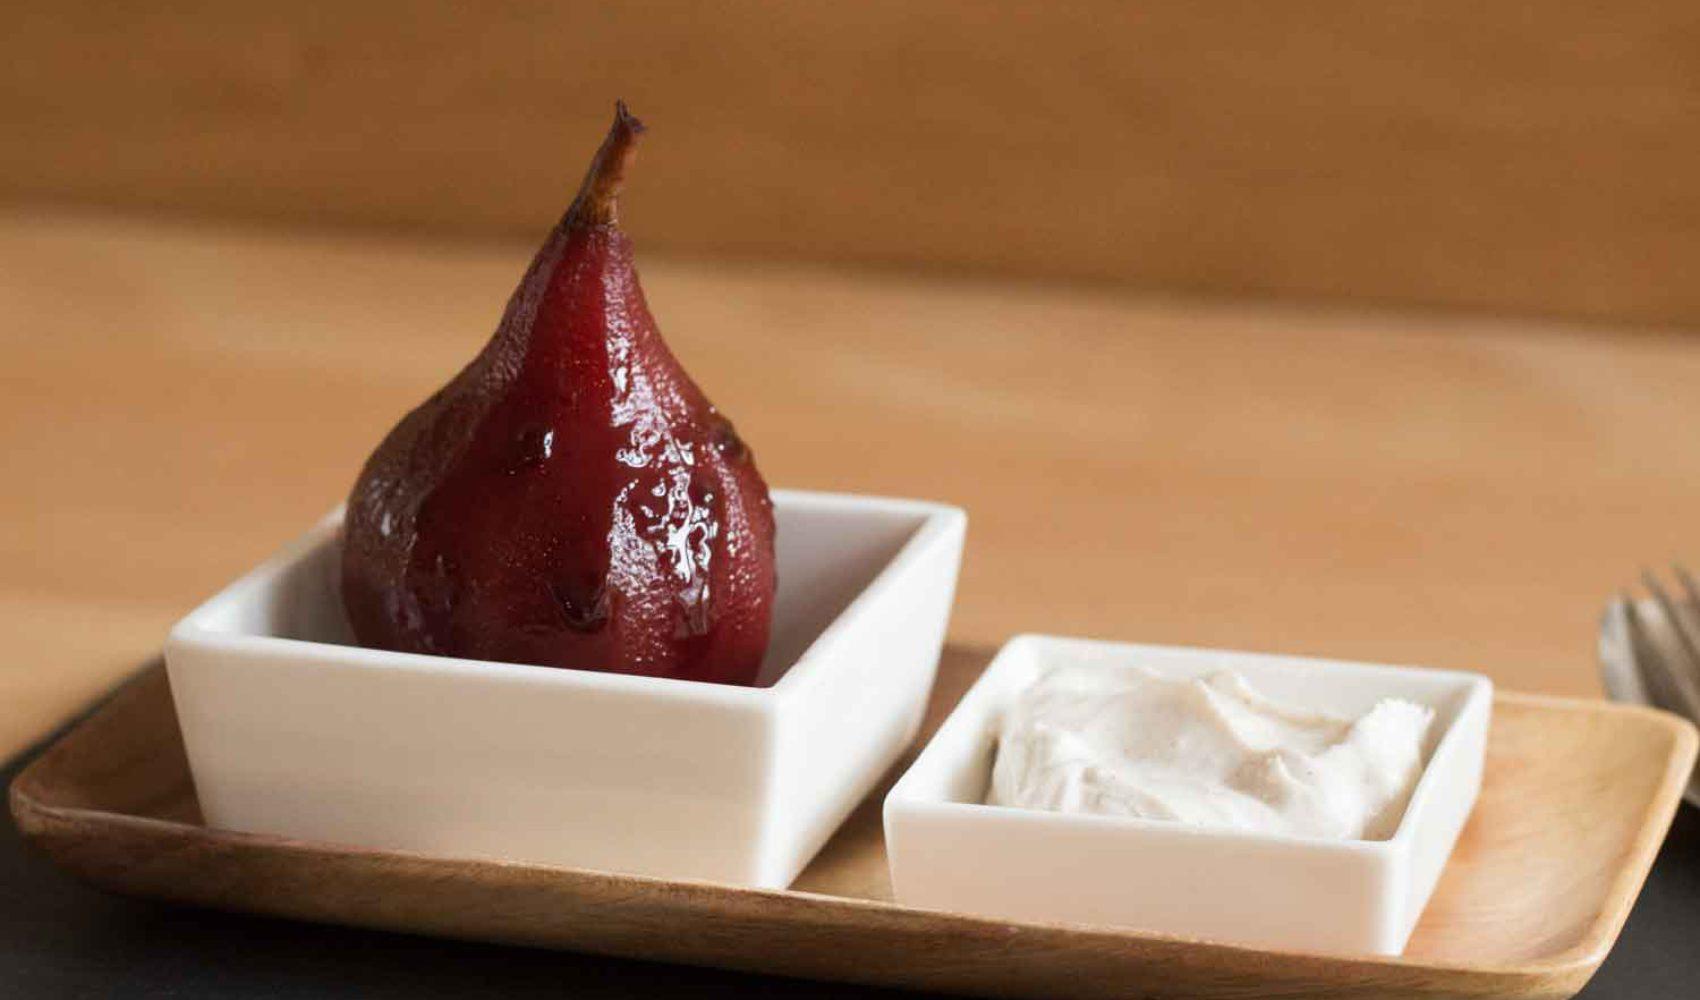 Zum Dessert: Birnen im Winterlook